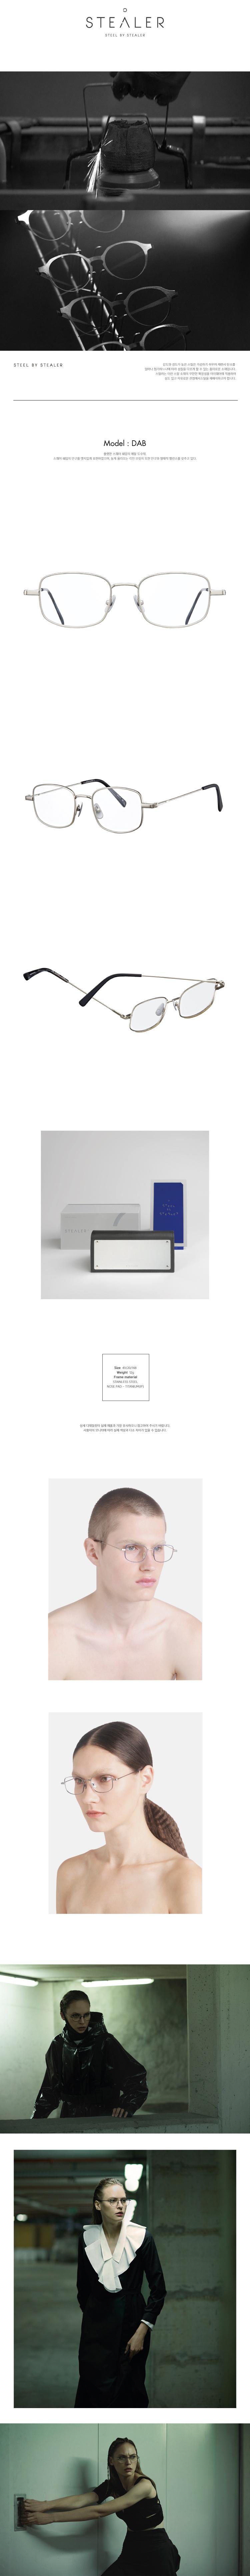 스틸러(STEALER) 댑 STL03 SILVER